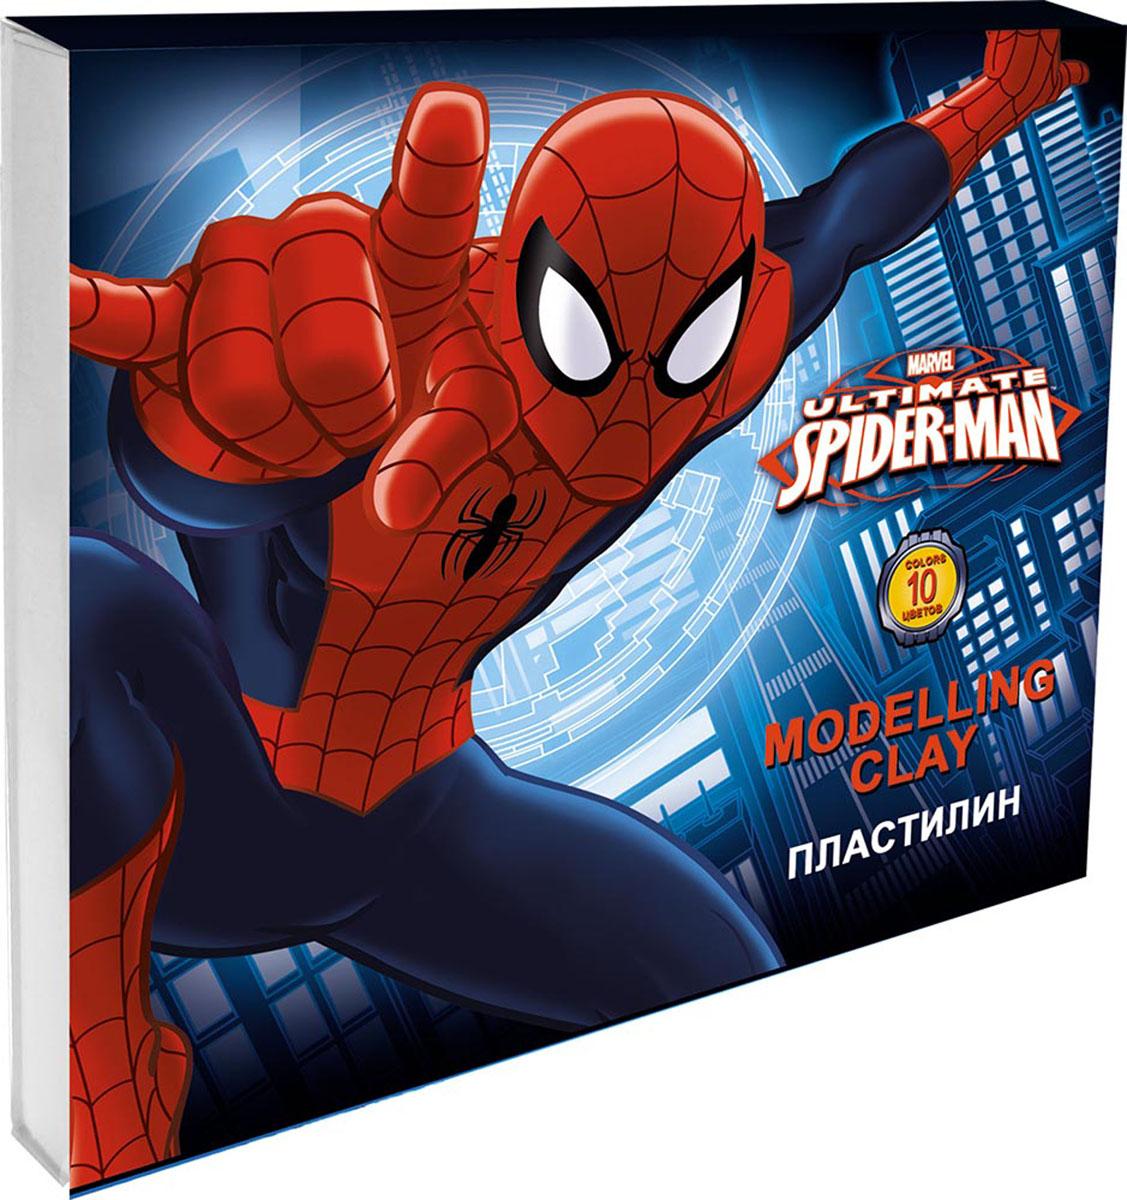 Пластилин Spider-Man, 10 цветов72523WDПластилин Spider-Man - это отличная возможность познакомить ребенка с еще одним из видов изобразительного творчества, в котором создаются объемные образы и целые композиции.В набор входит пластилин 10 ярких цветов (белый, желтый, красный, розовый, синий, голубой, темно-зеленый, черный, светло-зеленый, коричневый) и пластиковый стек.Цвета пластилина легко смешиваются между собой, и таким образом можно получить новые оттенки. Пластилин имеет яркие, красочные цвета и не липнет к рукам.Техника лепки богата и разнообразна, но при этом доступна даже маленьким детям. Занятия лепкой не только увлекательны, но и полезны для ребенка. Они способствуют развитию творческого и пространственного мышления, восприятия формы, фактуры, цвета и веса, развивают воображение и мелкую моторику.